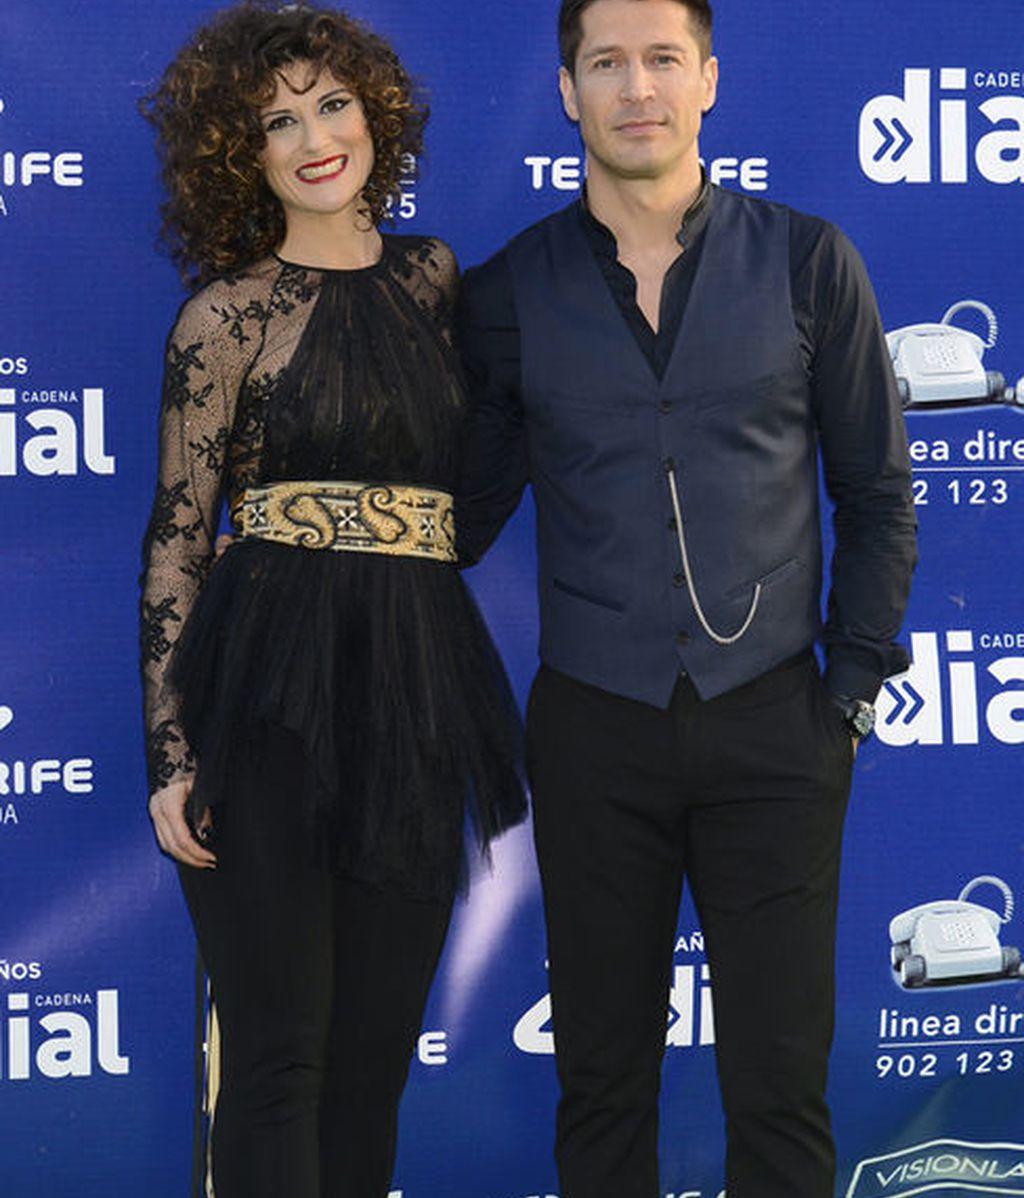 Jaime Cantizano y Carmen Ramírez, premios Cadena Dial